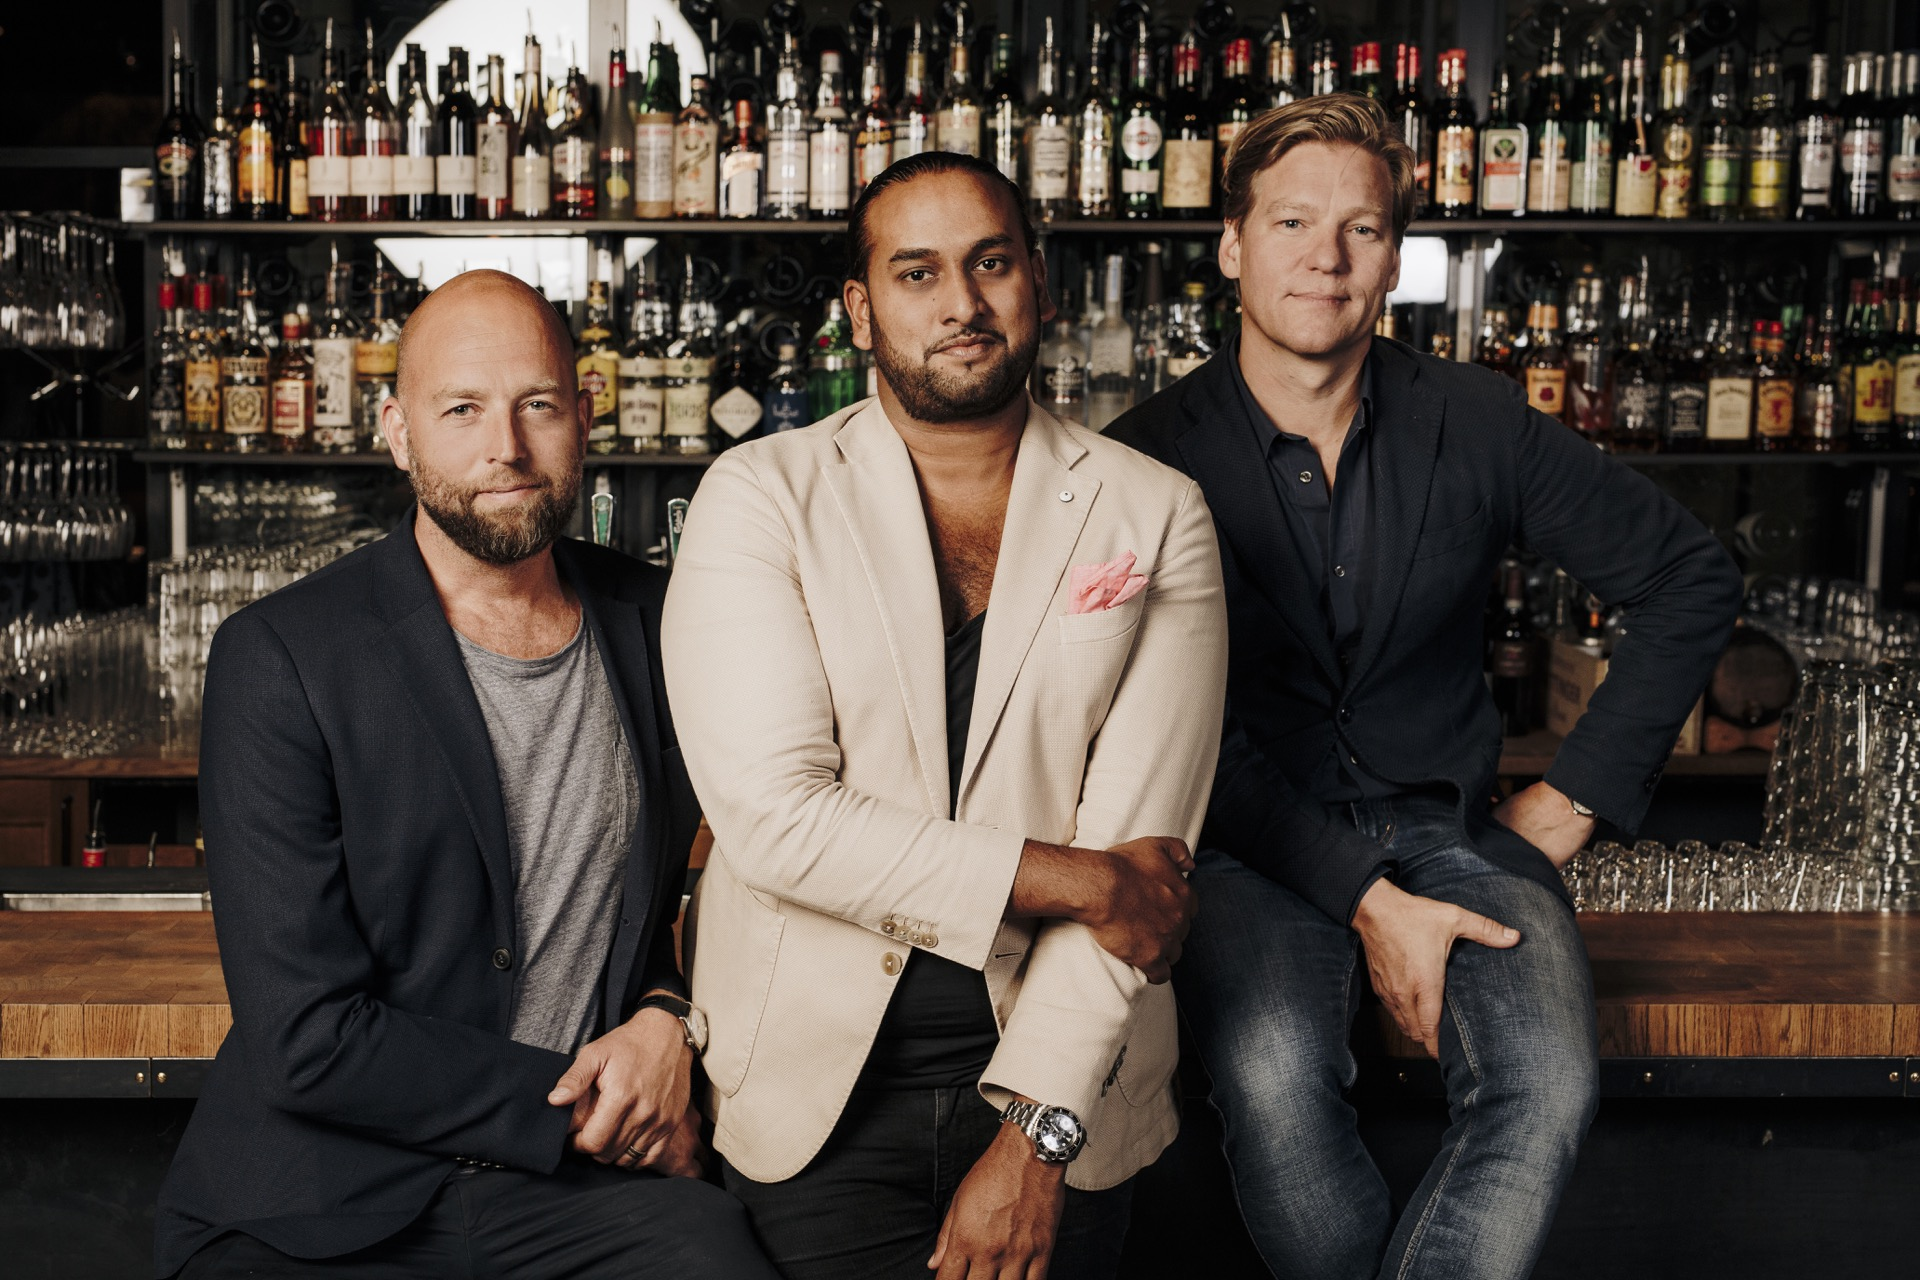 Haga Bottegas grundare Christian Olsson, Niklas Odin och Kristofer Sandström.